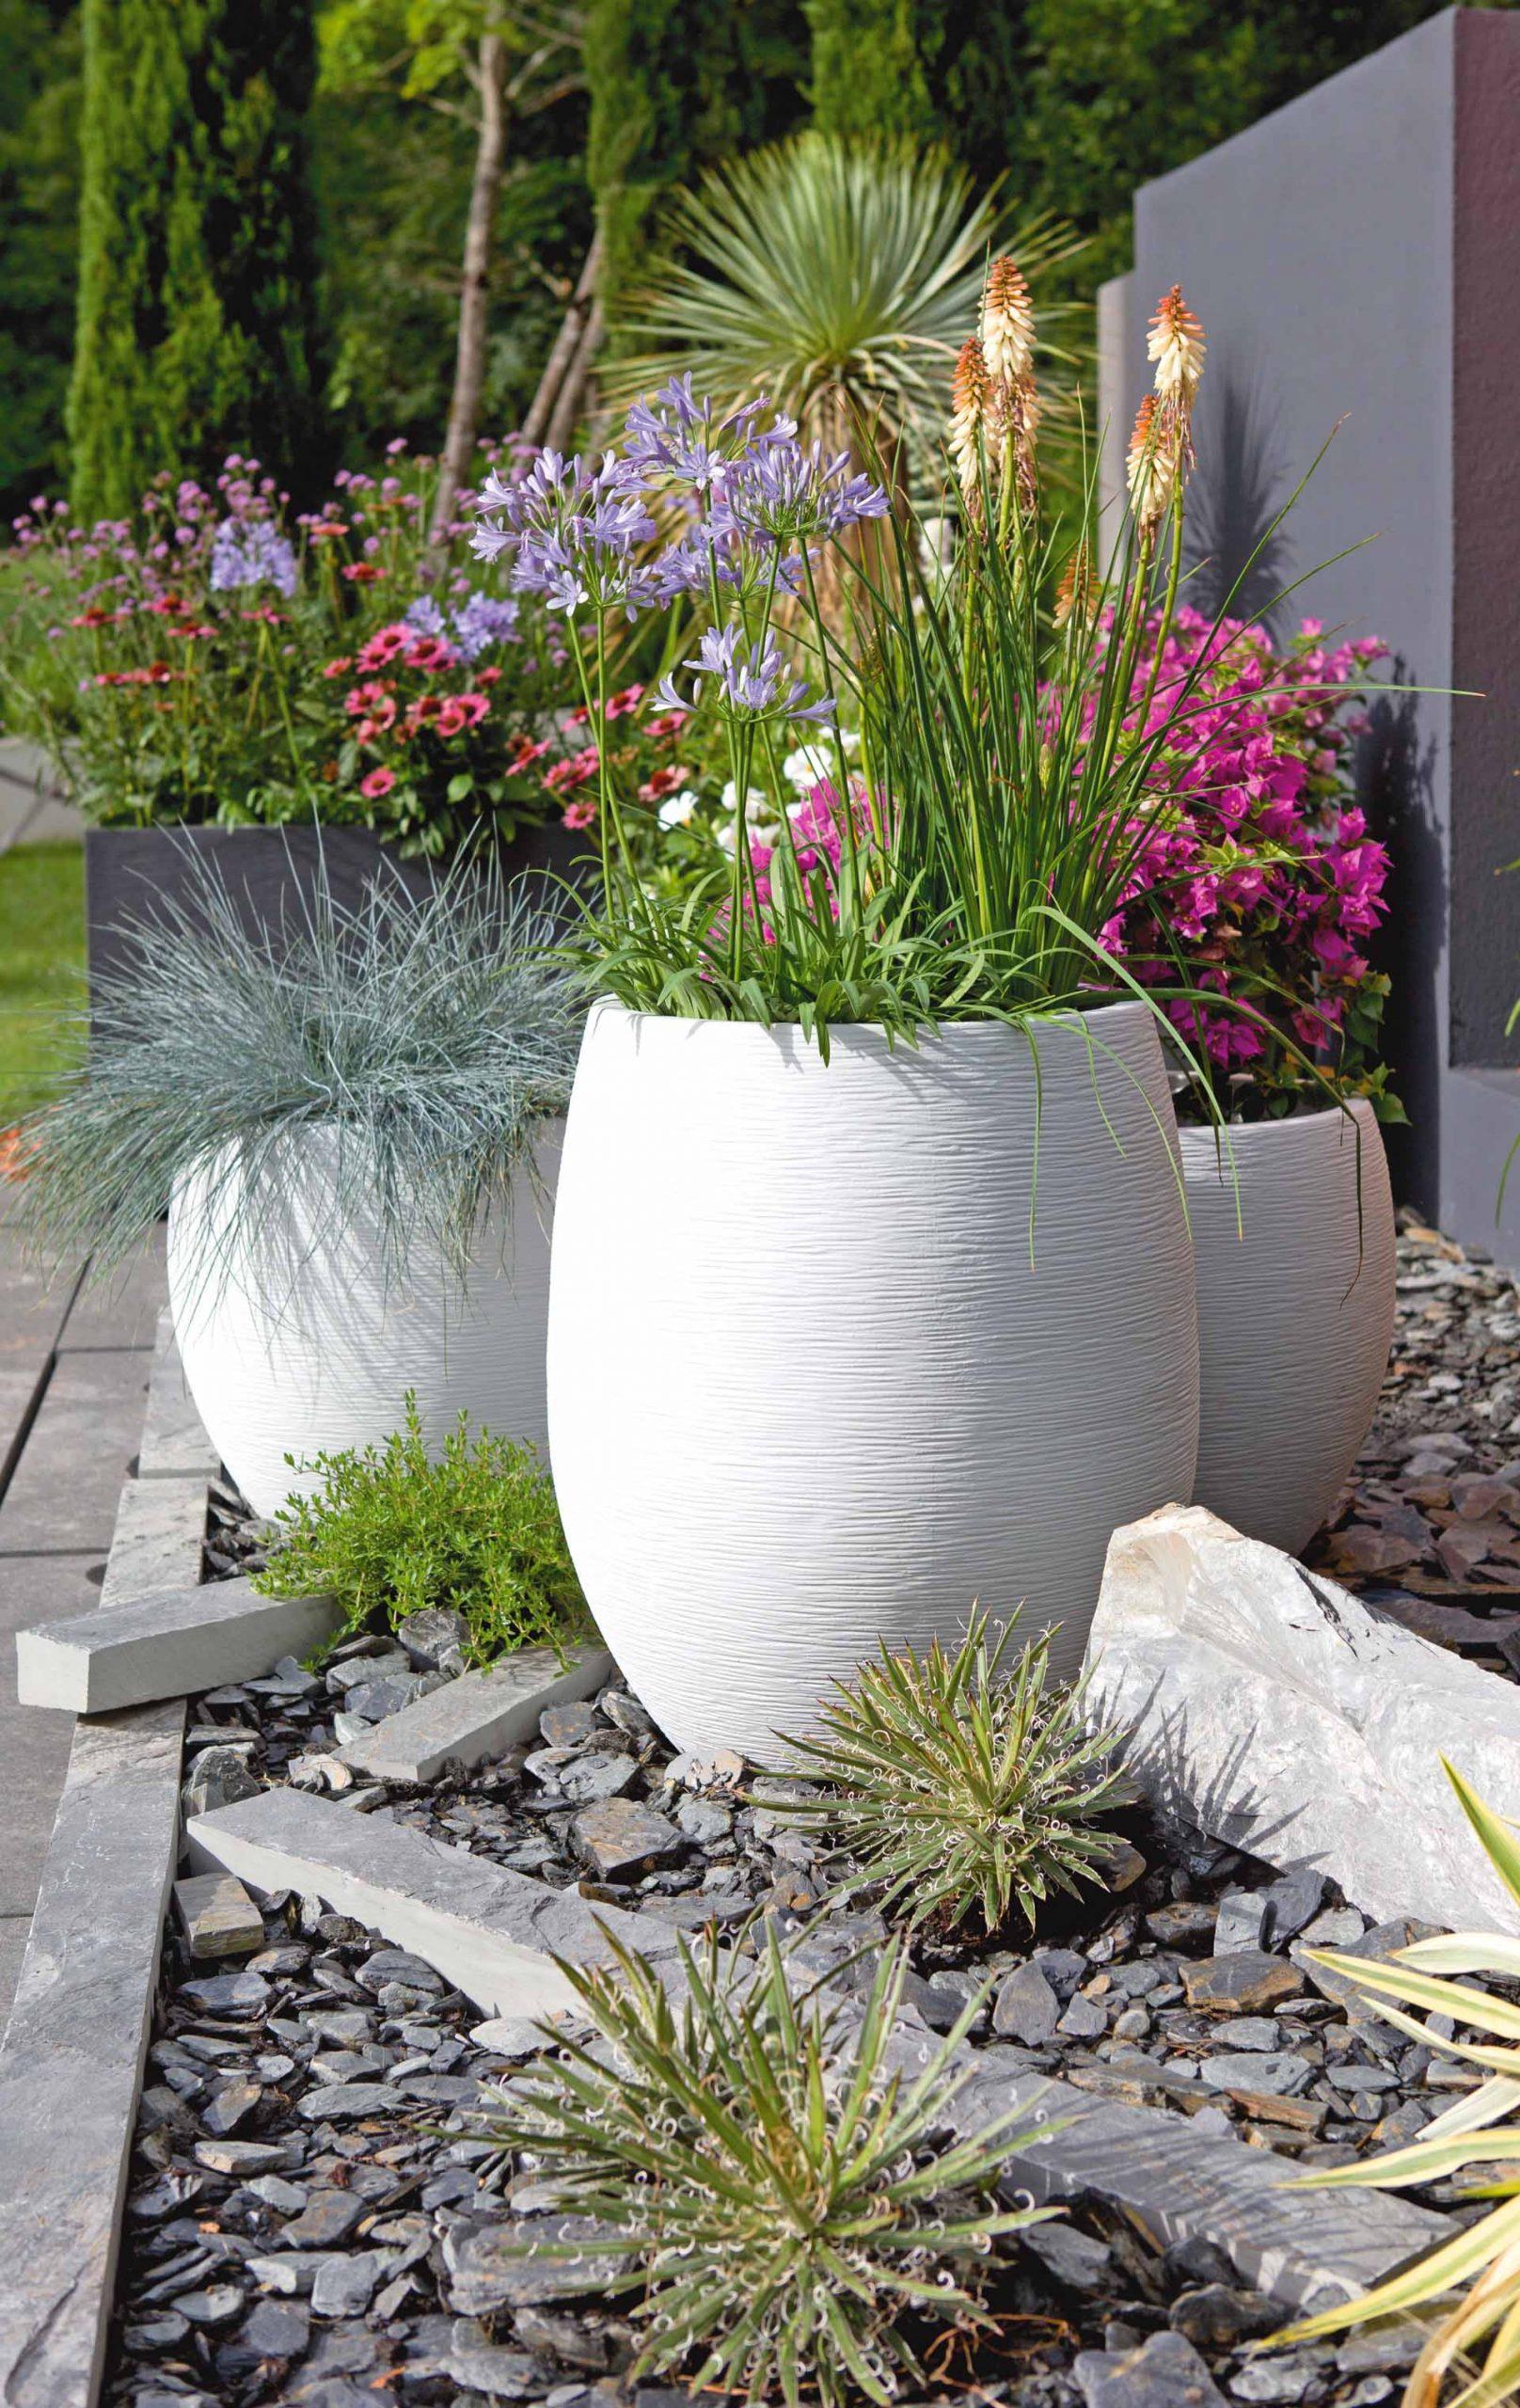 Idées De Décos Pour Le Jardin En Été avec Objets Decoration Jardin Exterieur